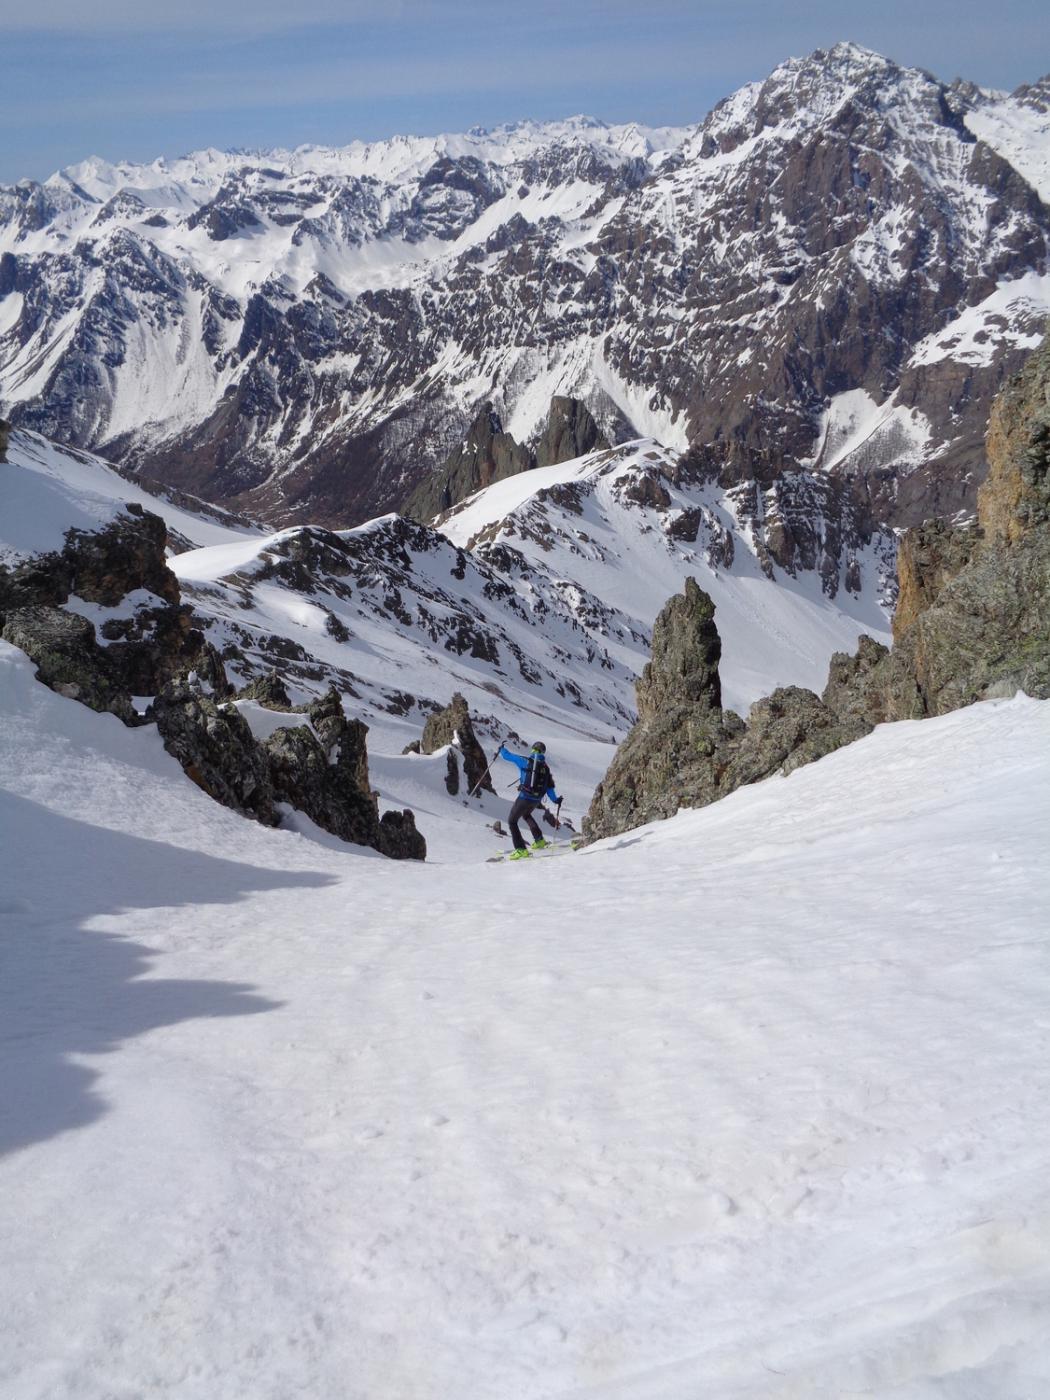 neve al top in alto